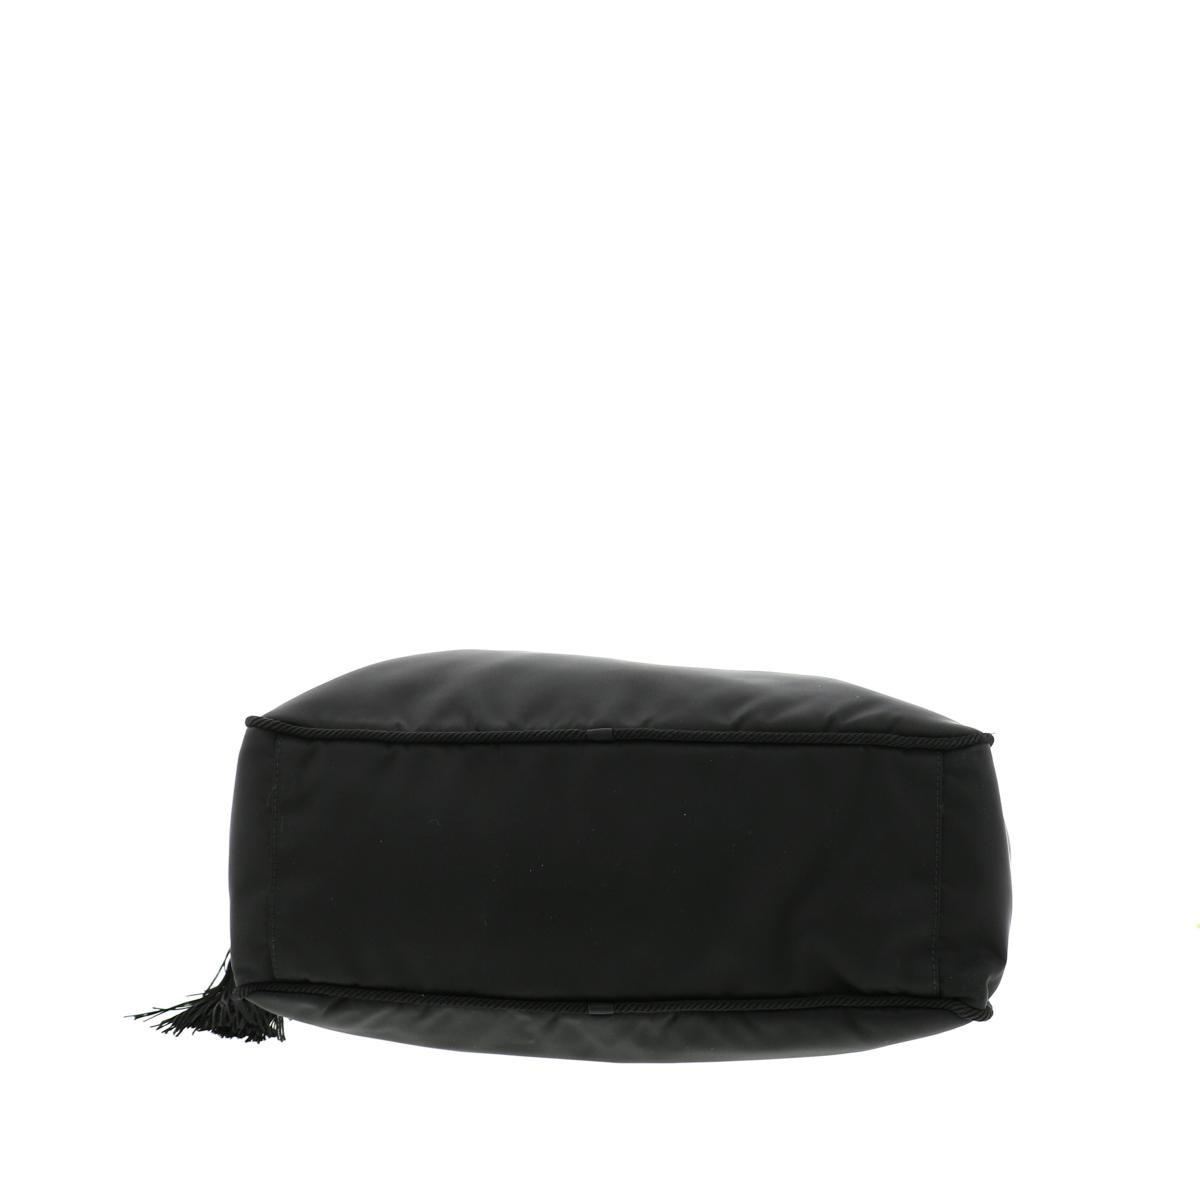 【未使用品】 PRADA プラダ タッセル ナイロン ハンド トート バッグ 1BB014 バッグ  ブラック [ROR]